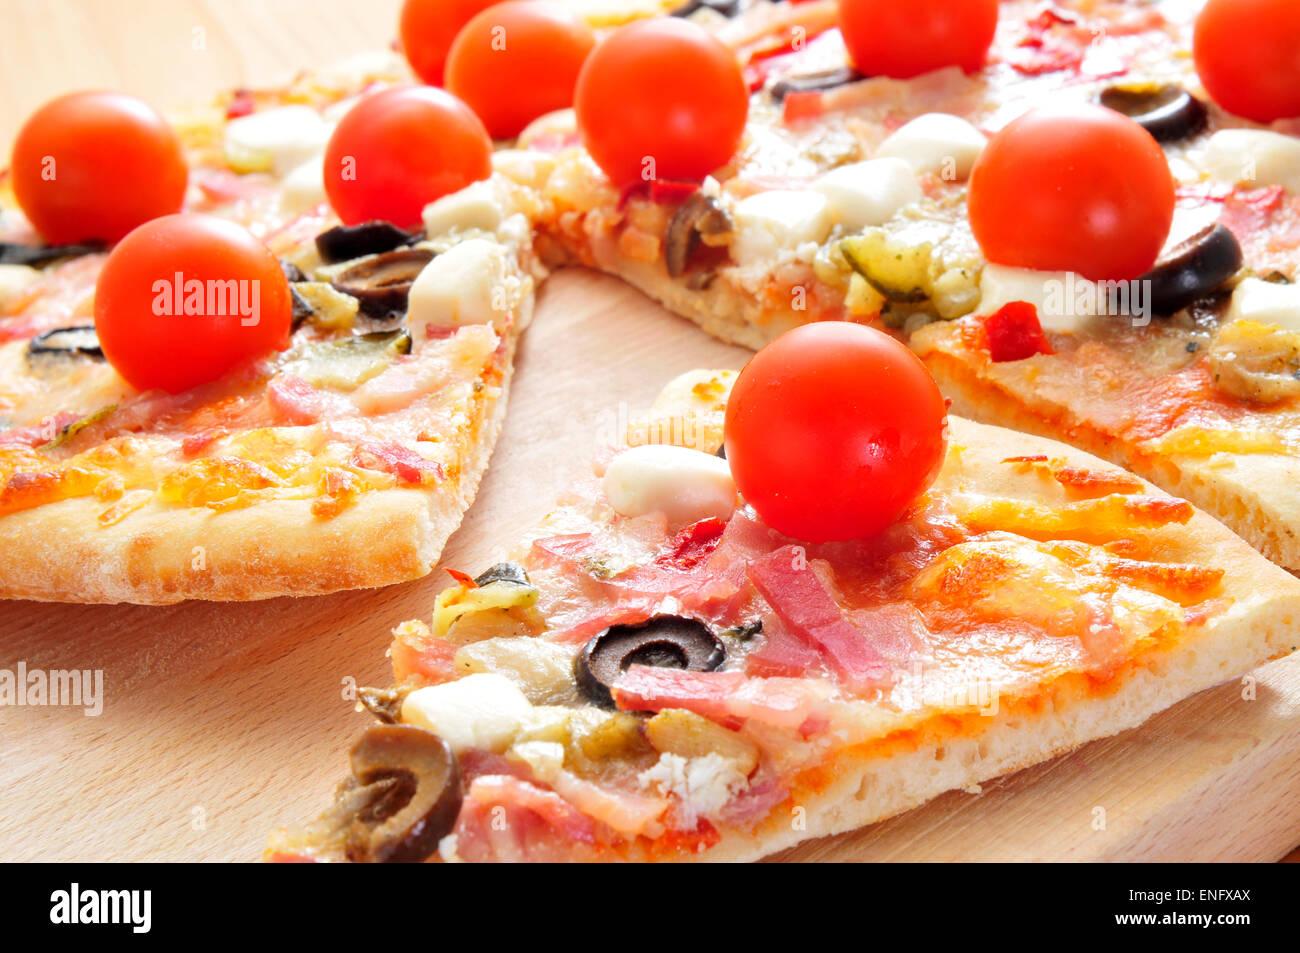 Algunas rebanadas de pizza con bacon, aceitunas, tomates cherry, queso de cabra, pimiento verde y berenjena Foto de stock